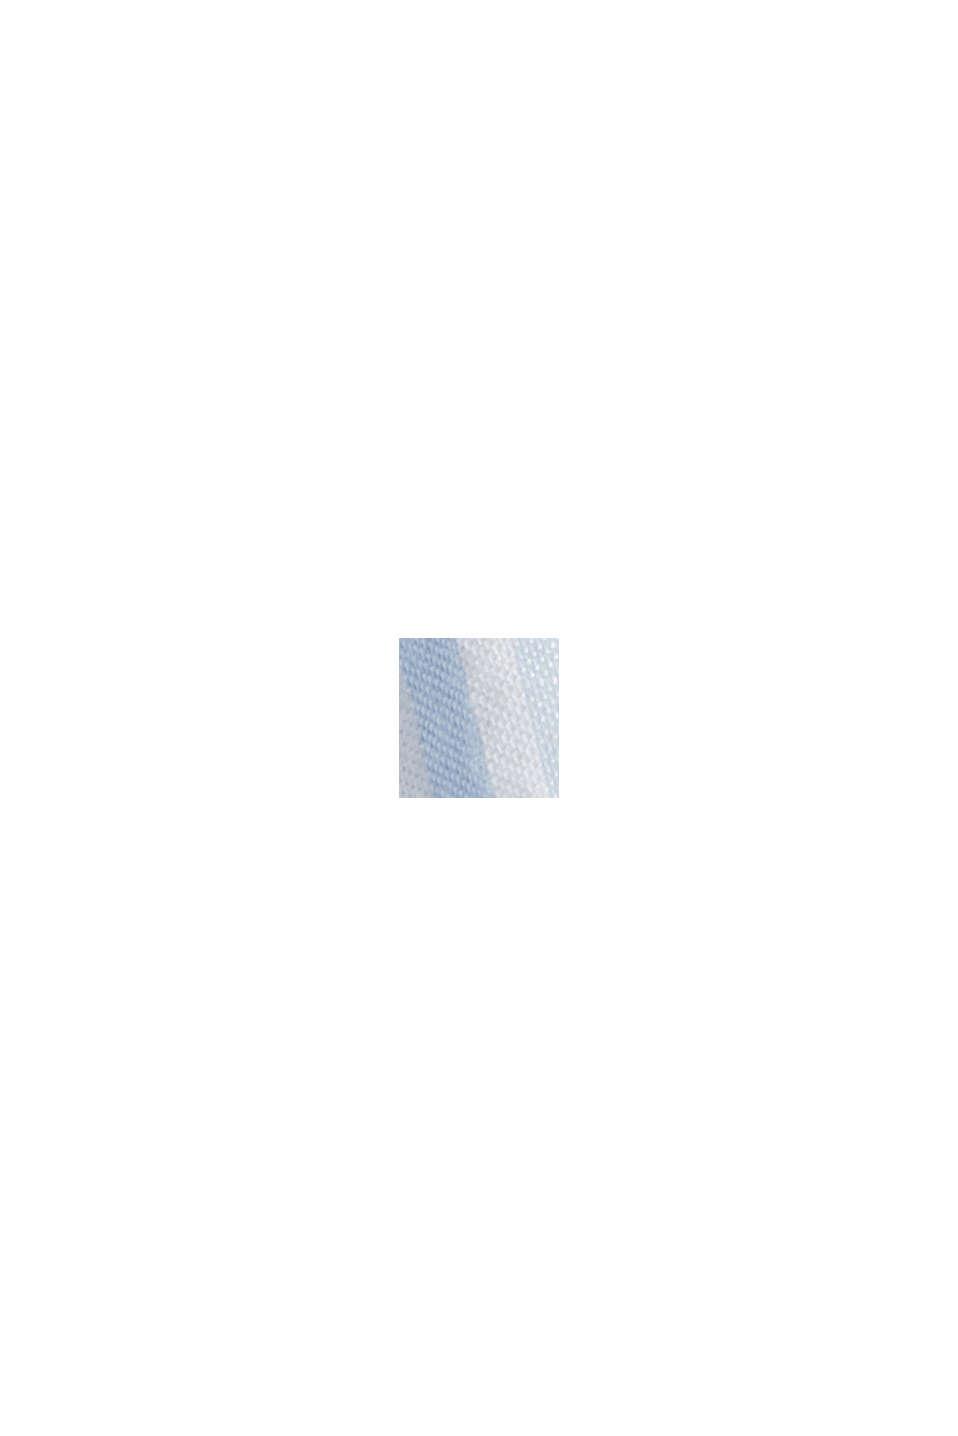 Aus Leinen-Mix: gestreiftes Kleid in A-Linie, LIGHT BLUE, swatch